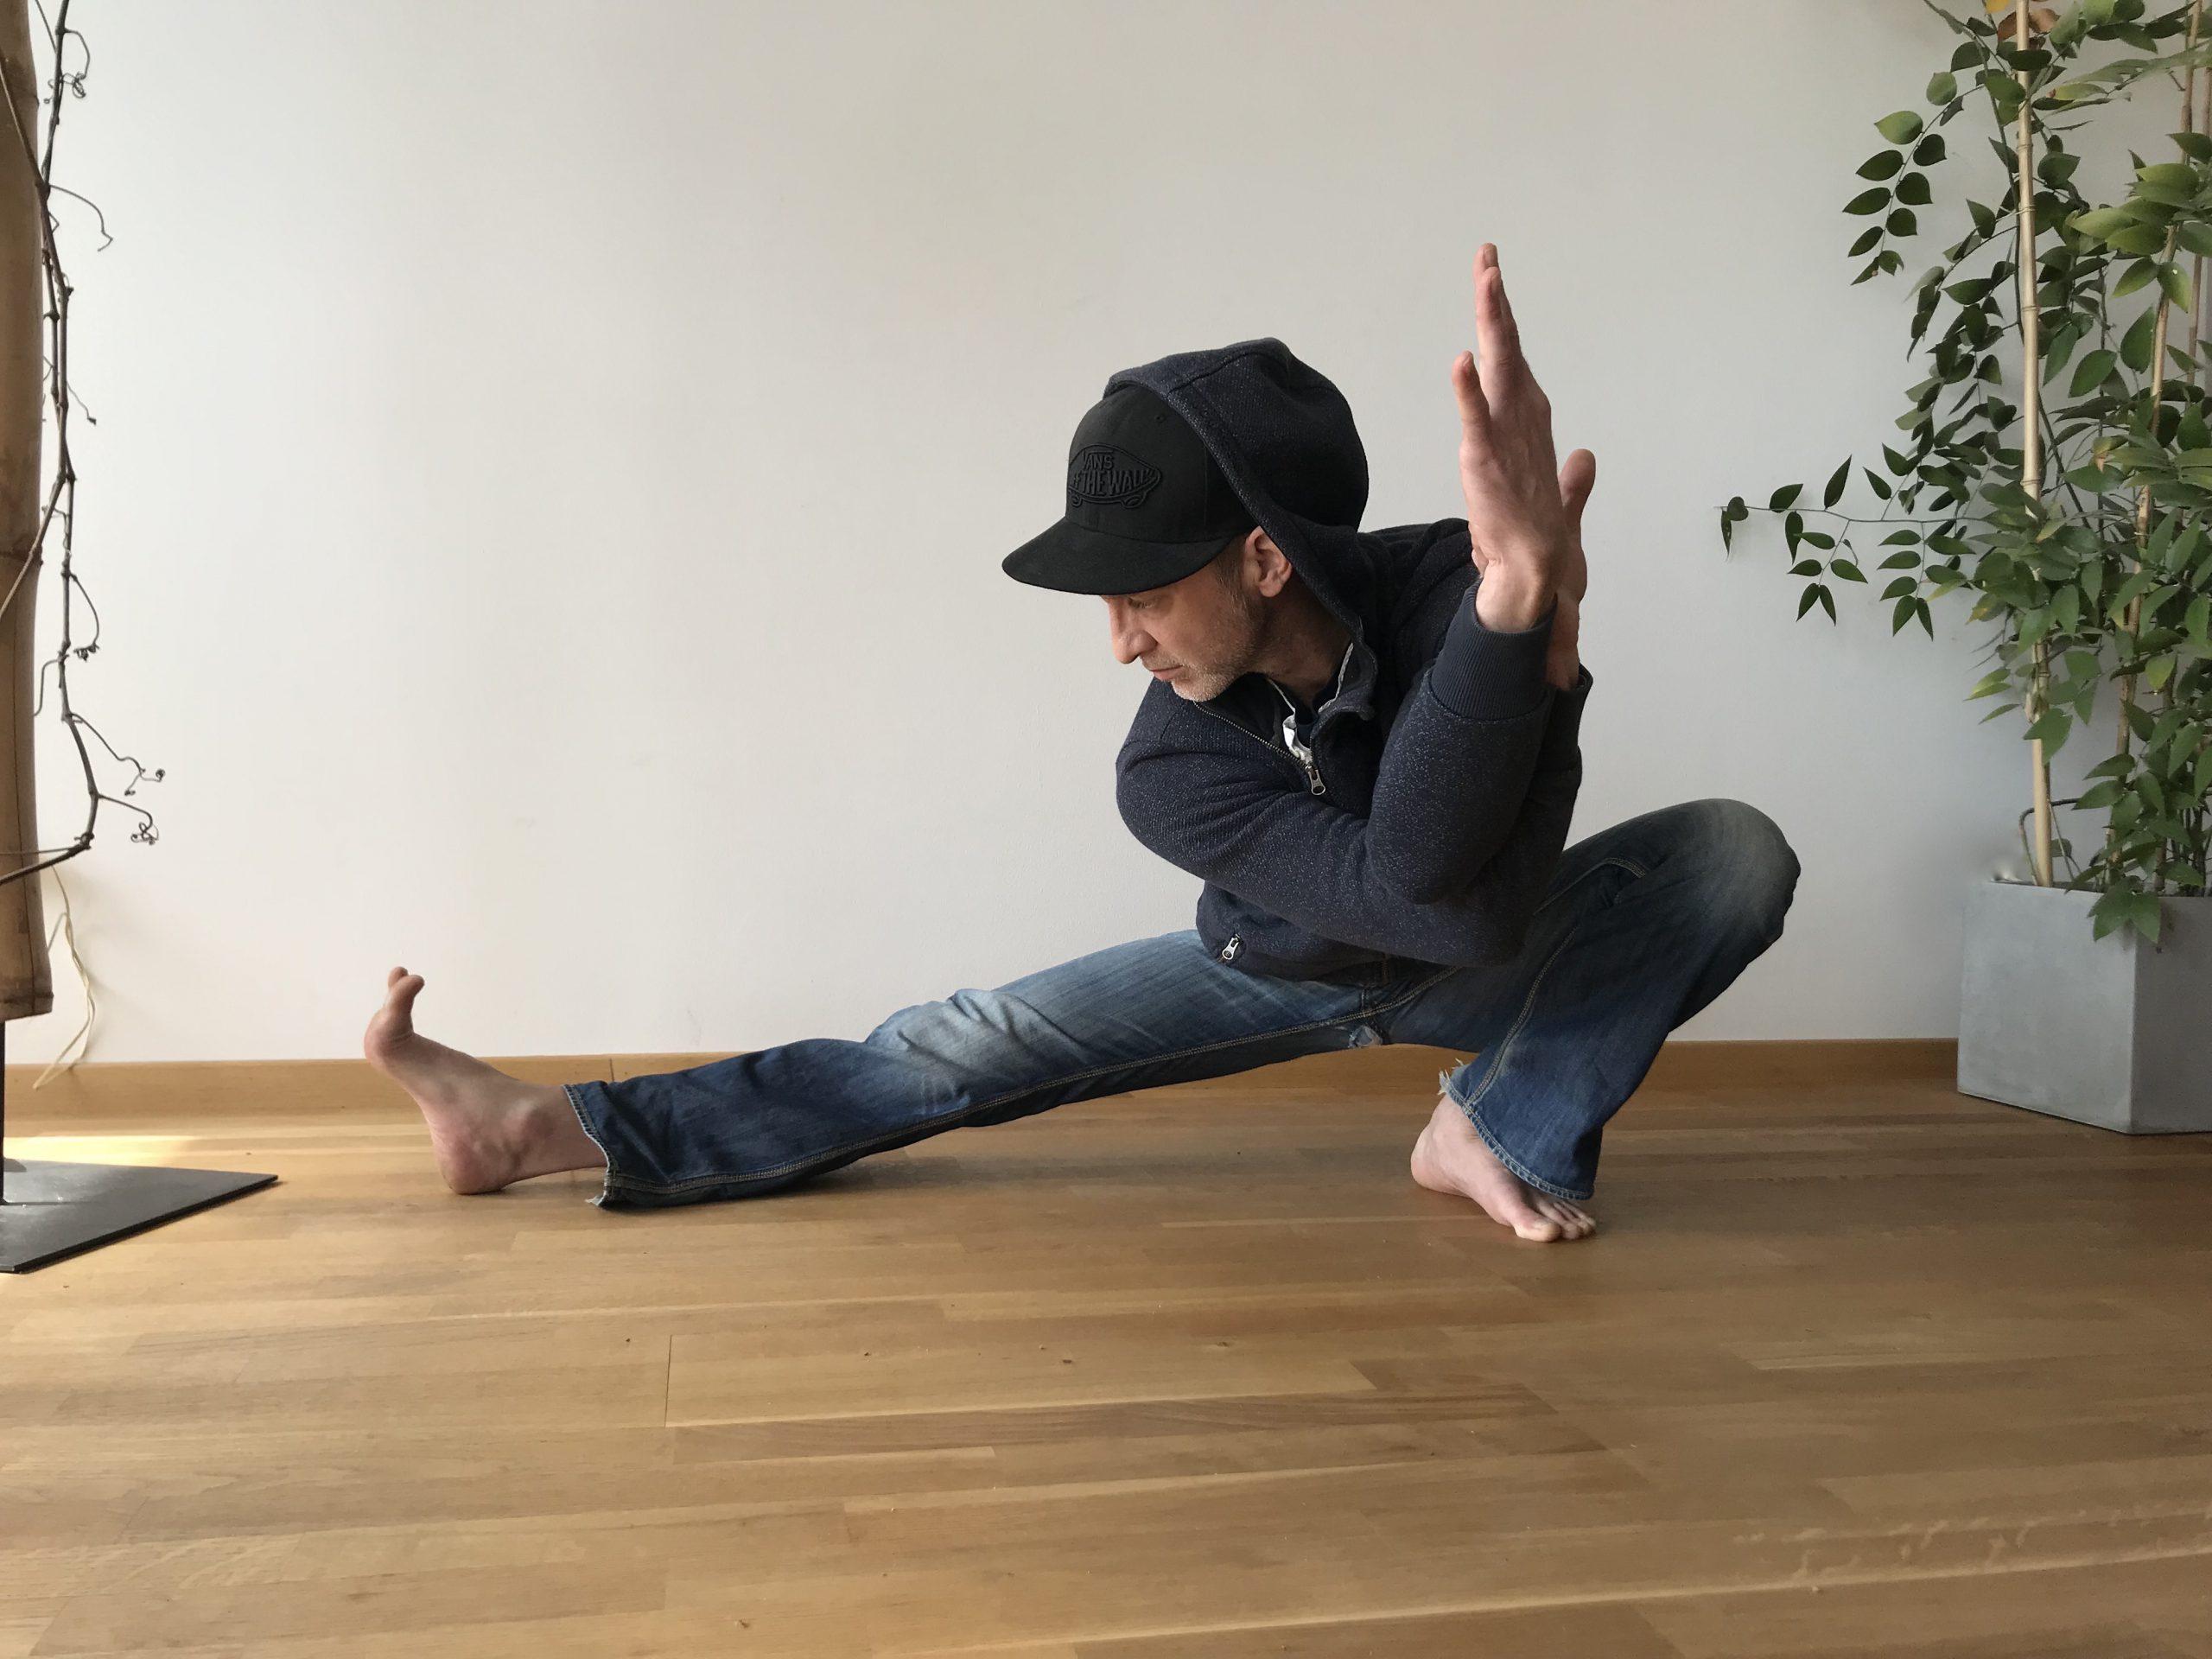 Yoga – Workshop: Radio – Gaga – Schalten Sie Ihren Soul  – Musiksender ein